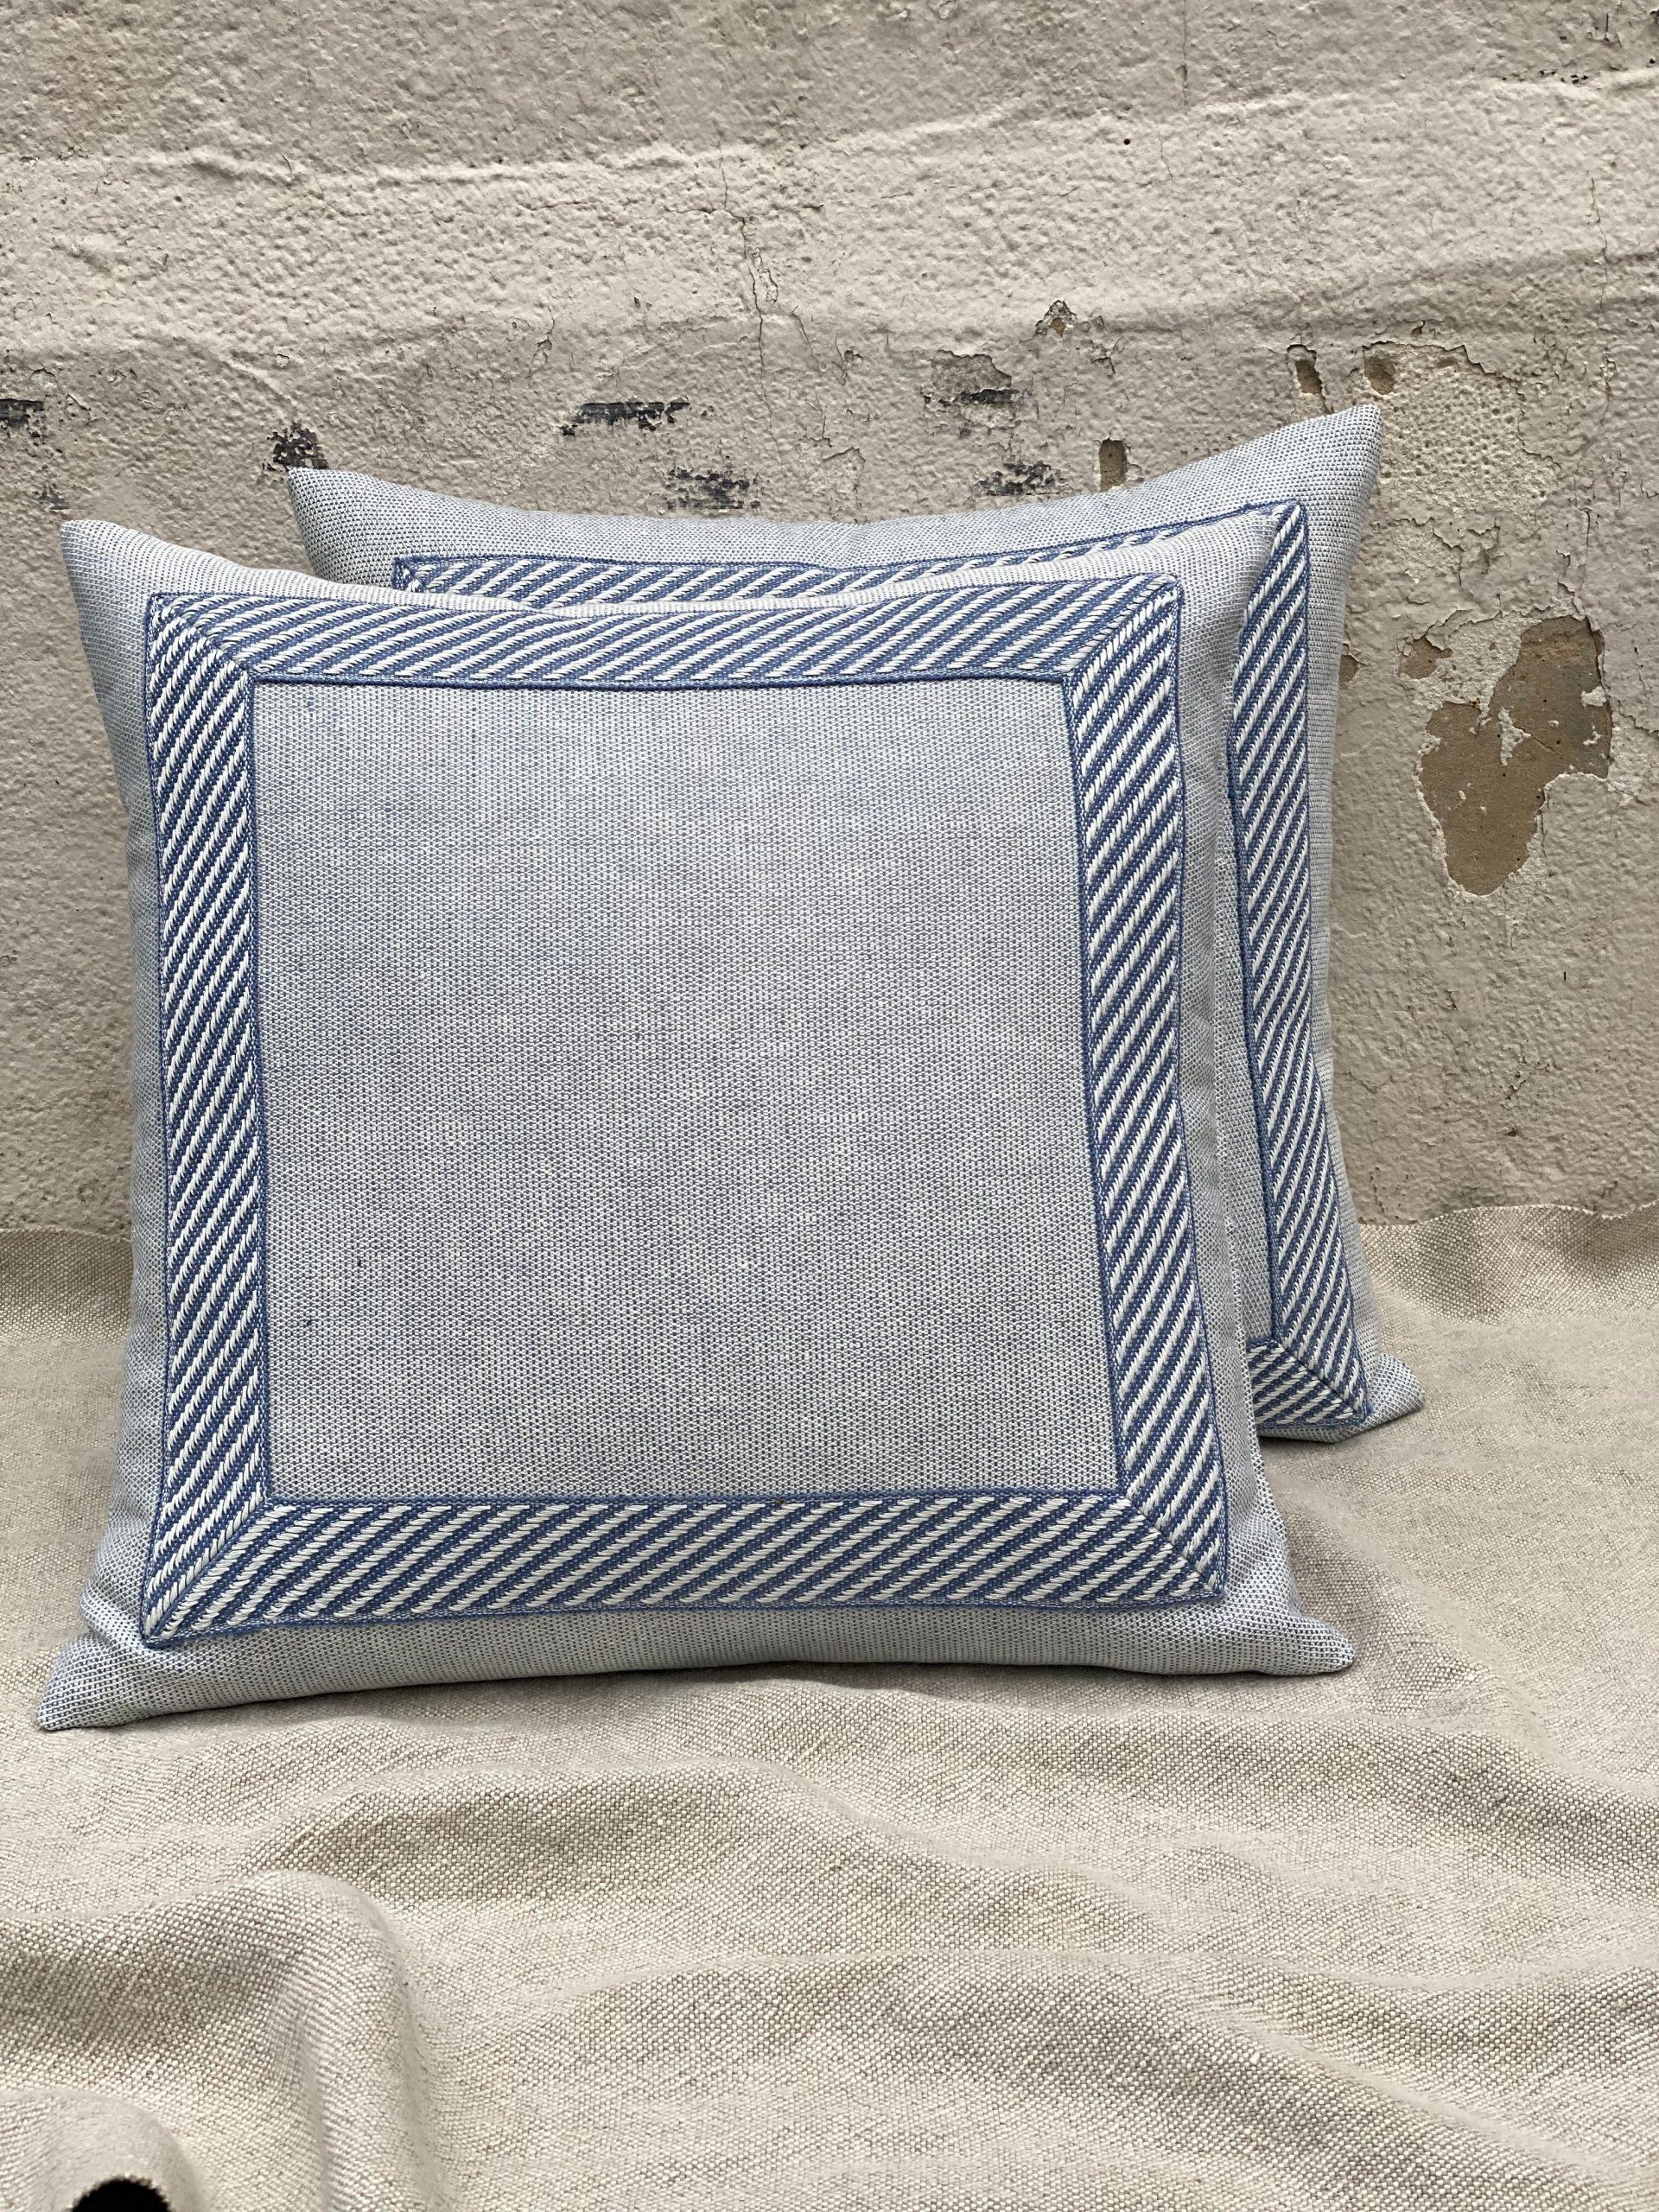 Schumacher Pillows